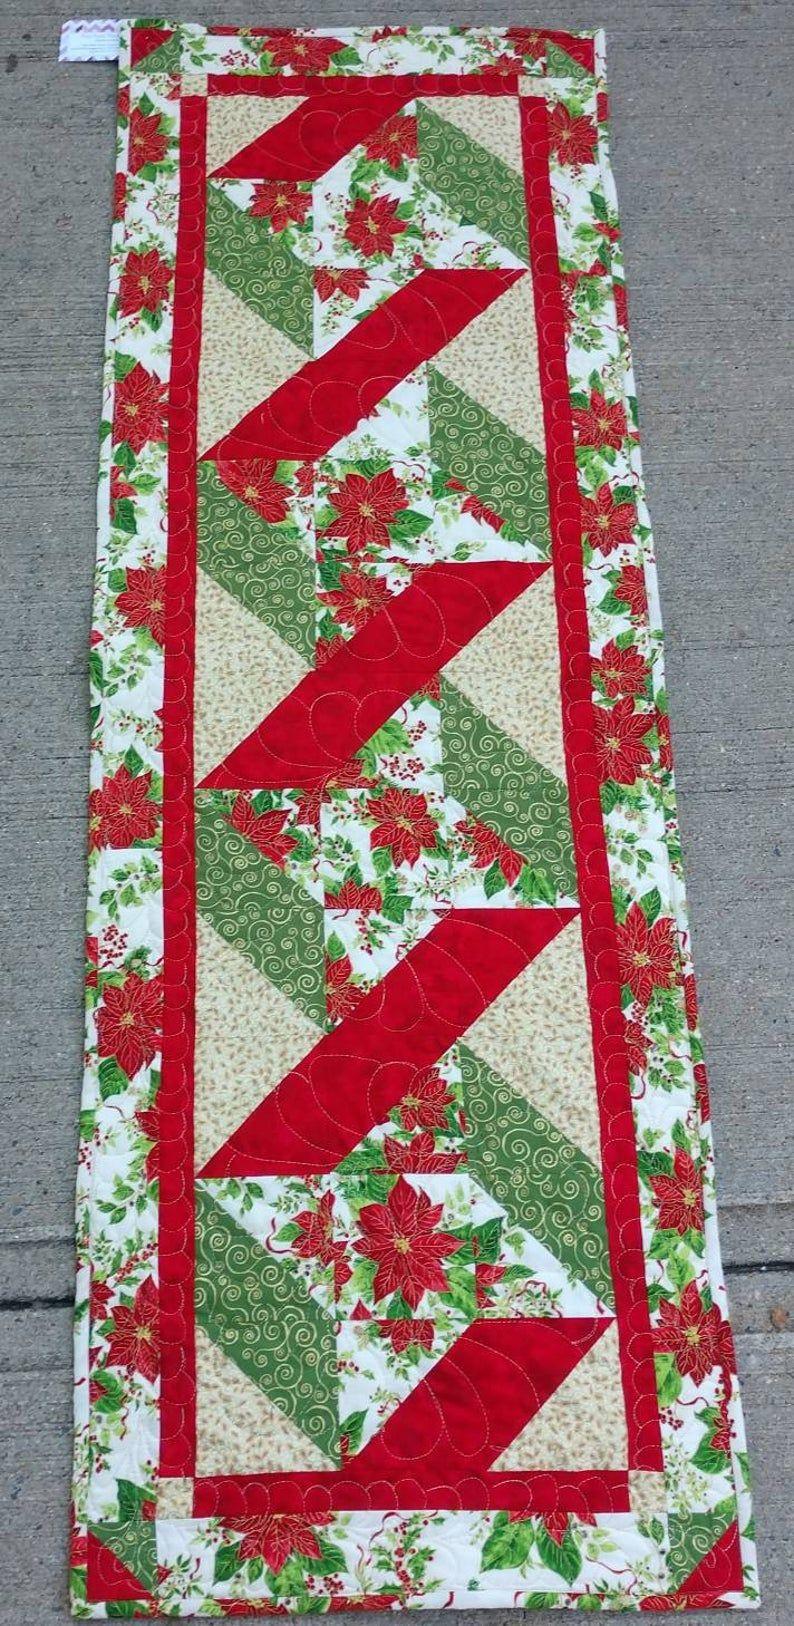 Weihnachten weihnachtsstern rot grün Gold Tischläufer Quiltsy handgefertigt #ferientisch